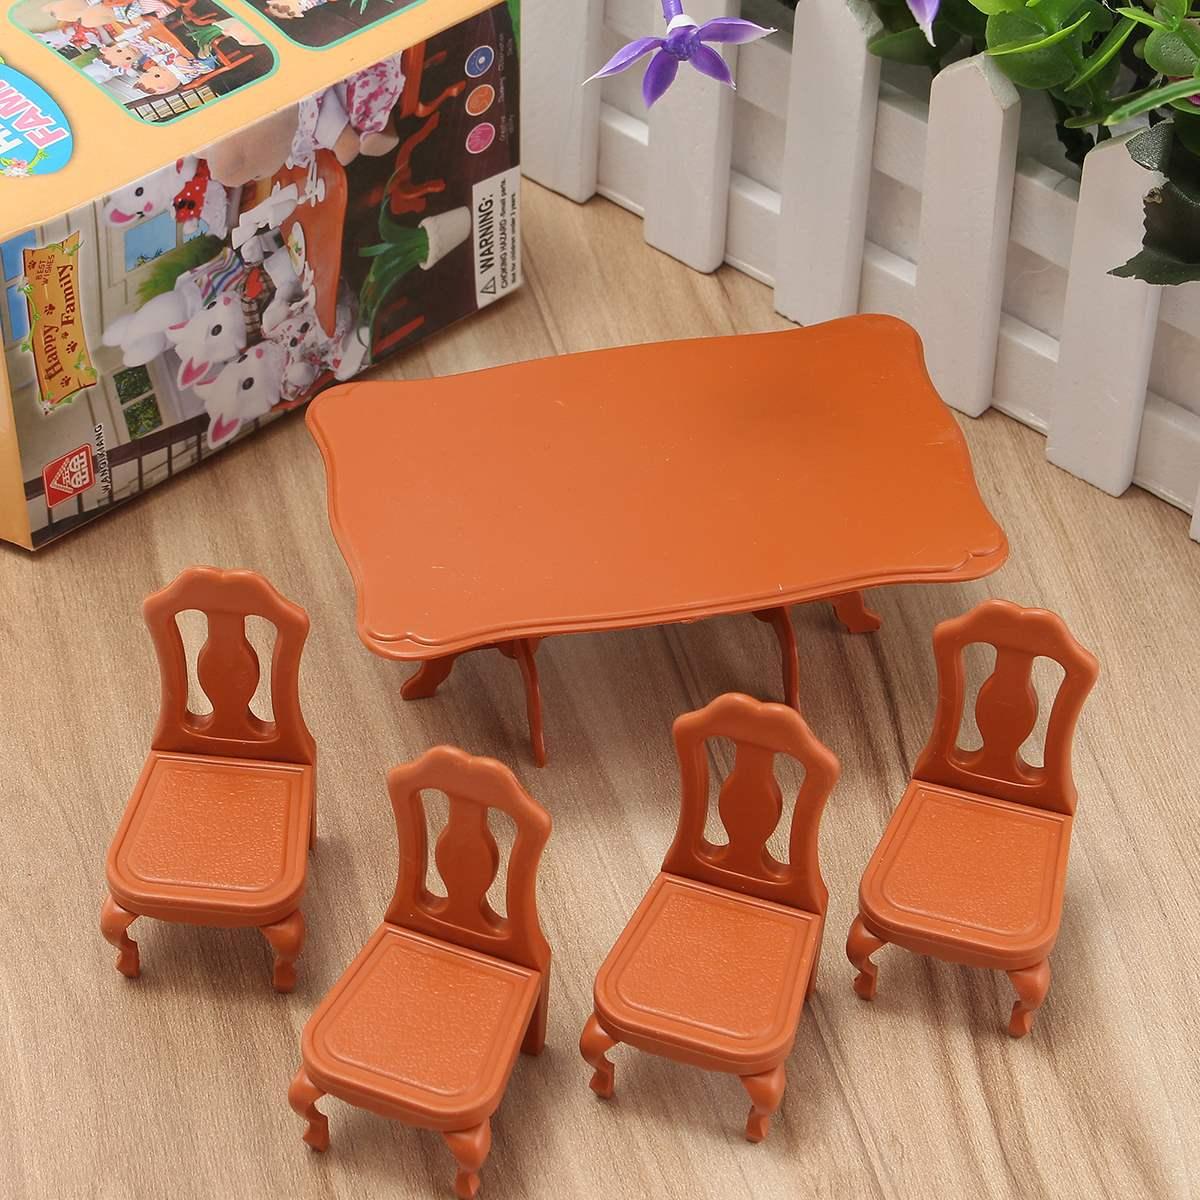 online kaufen großhandel esstisch kit aus china esstisch kit, Esstisch ideennn